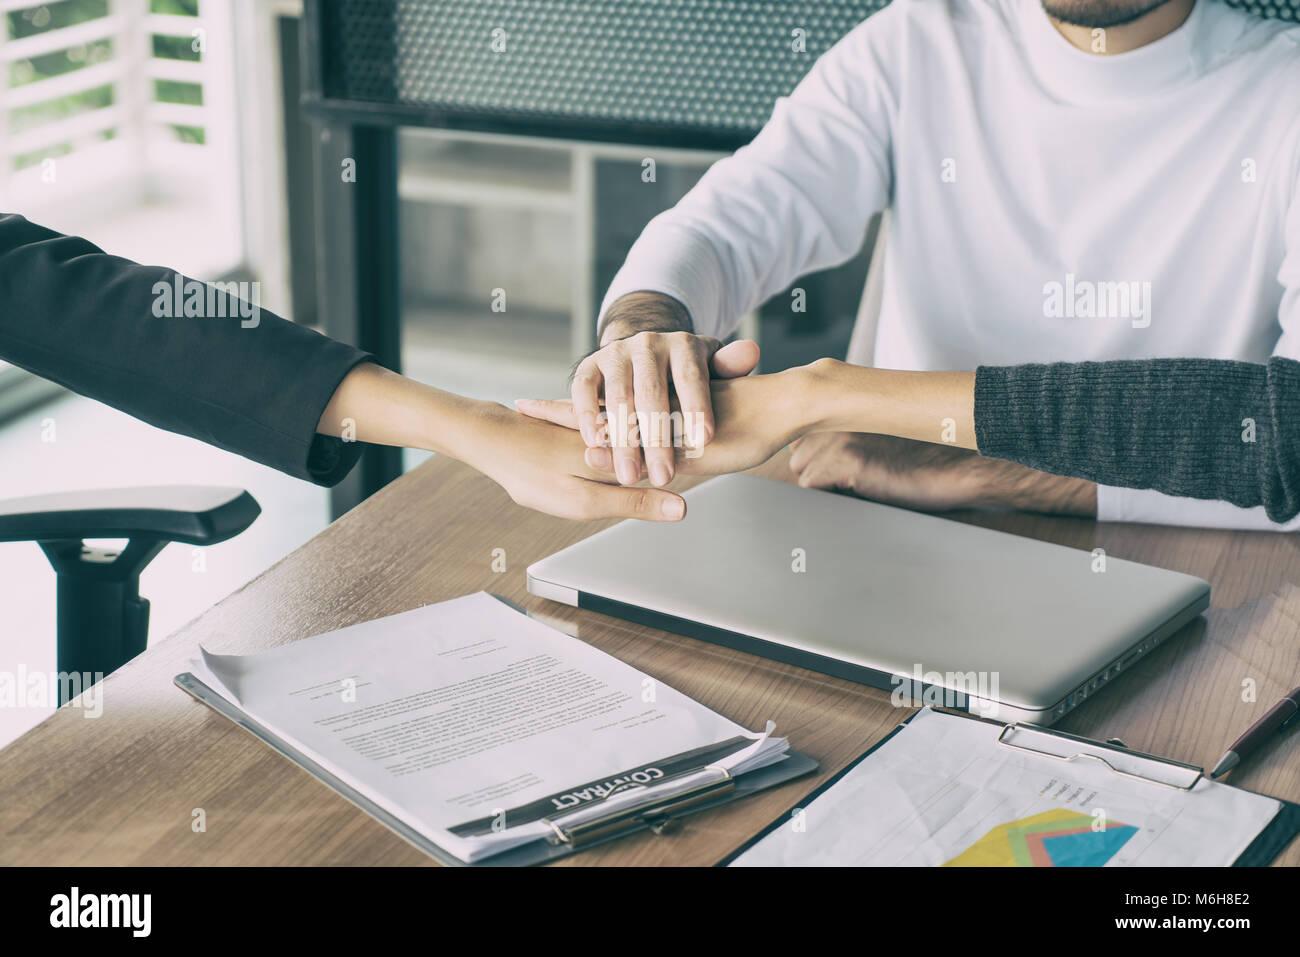 AuBergewohnlich Drei Business Partner Team Mit Hände Zusammen Zu Begrüßung Bis Projekt Im  Büro Beginnen. Business Meeting Konzept